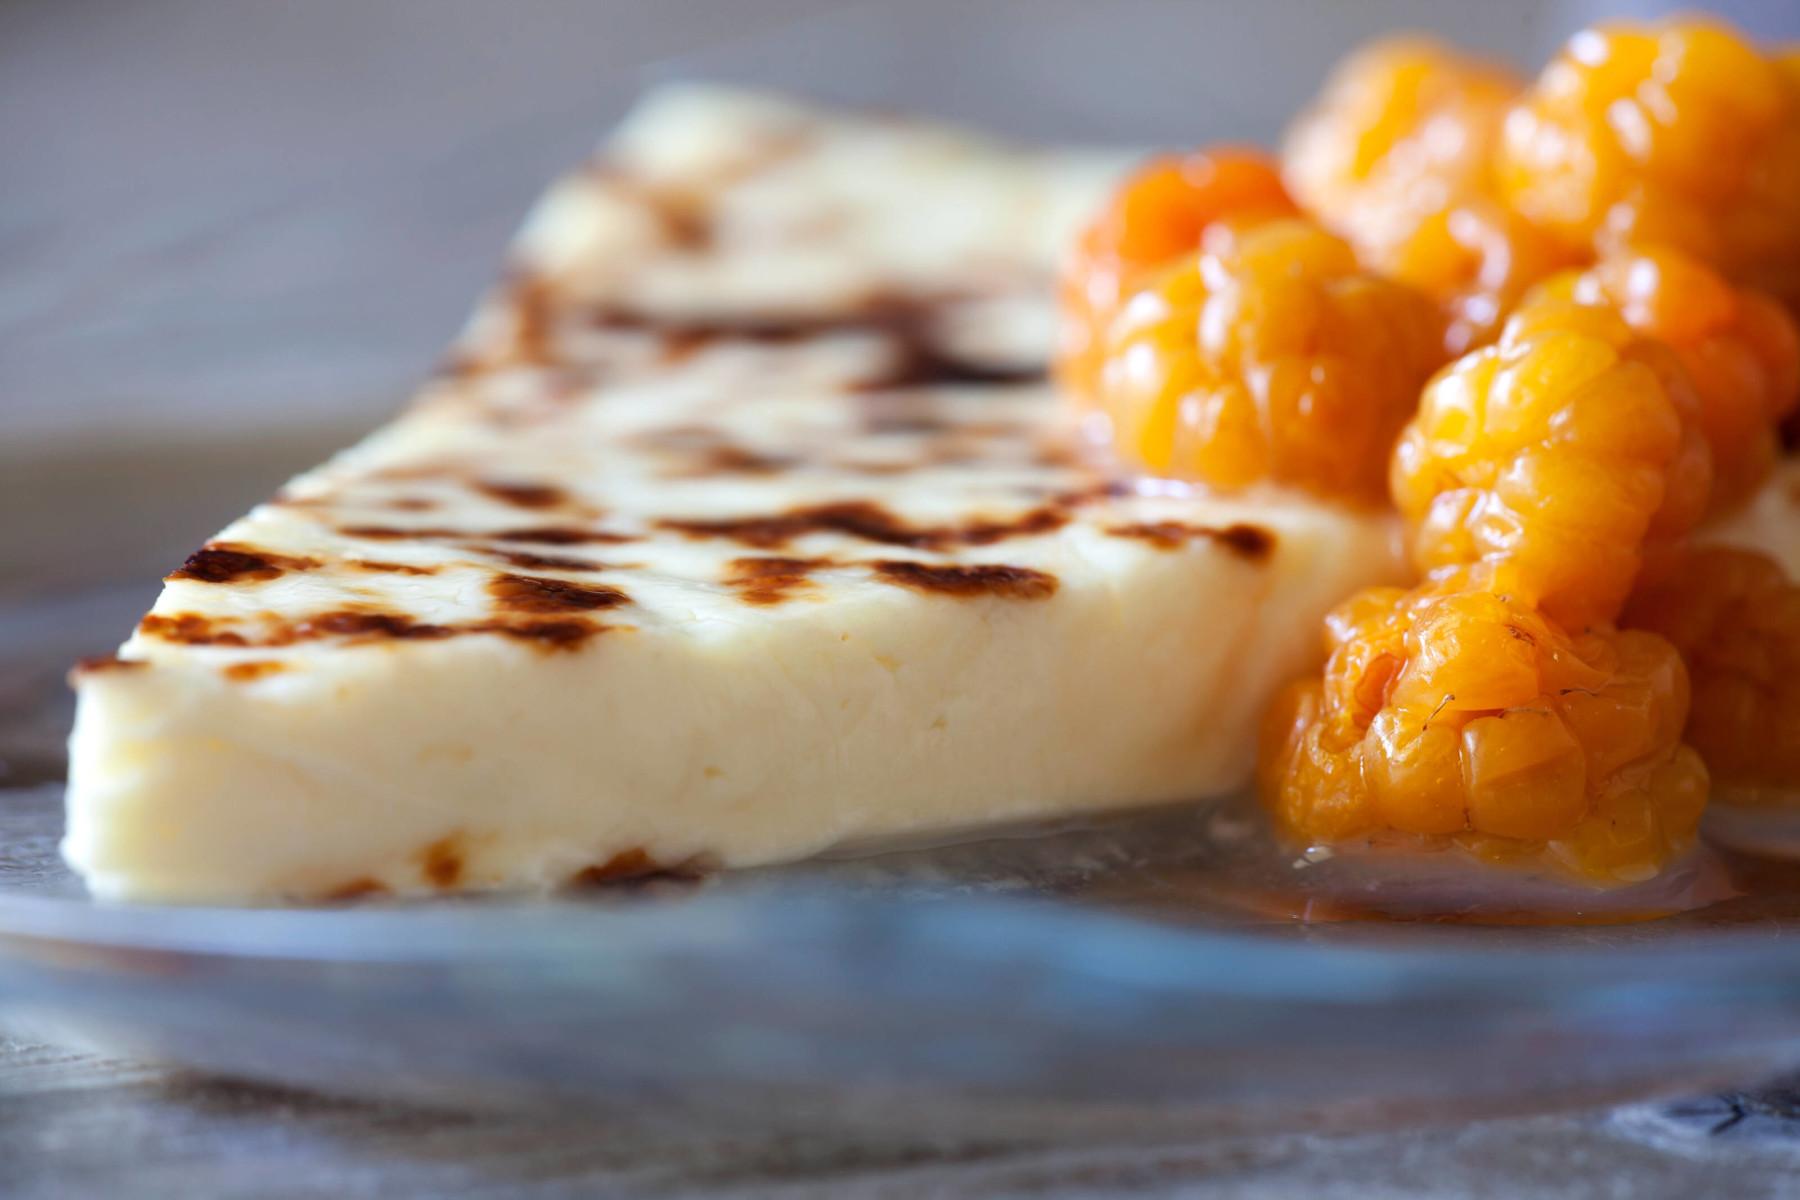 Ein Stück Käse und große orangefarbene Beeren auf einem Teller.